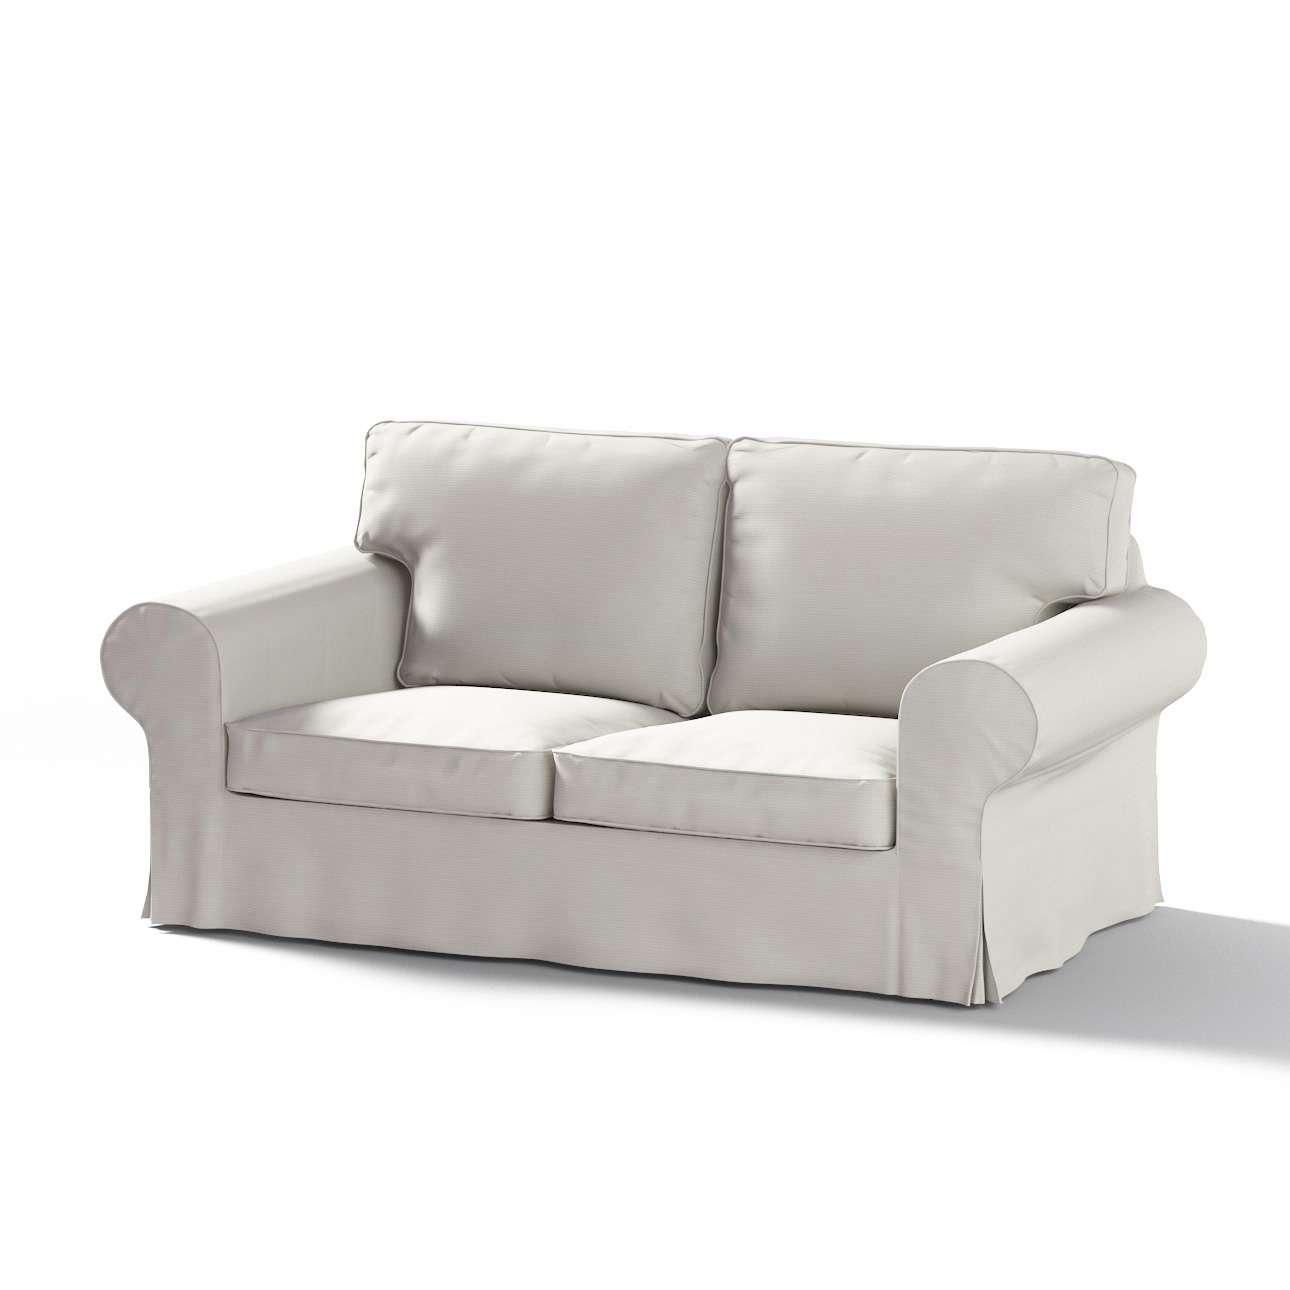 Pokrowiec na sofę Ektorp 2-osobową, rozkładaną, model do 2012 w kolekcji Cotton Panama, tkanina: 702-31